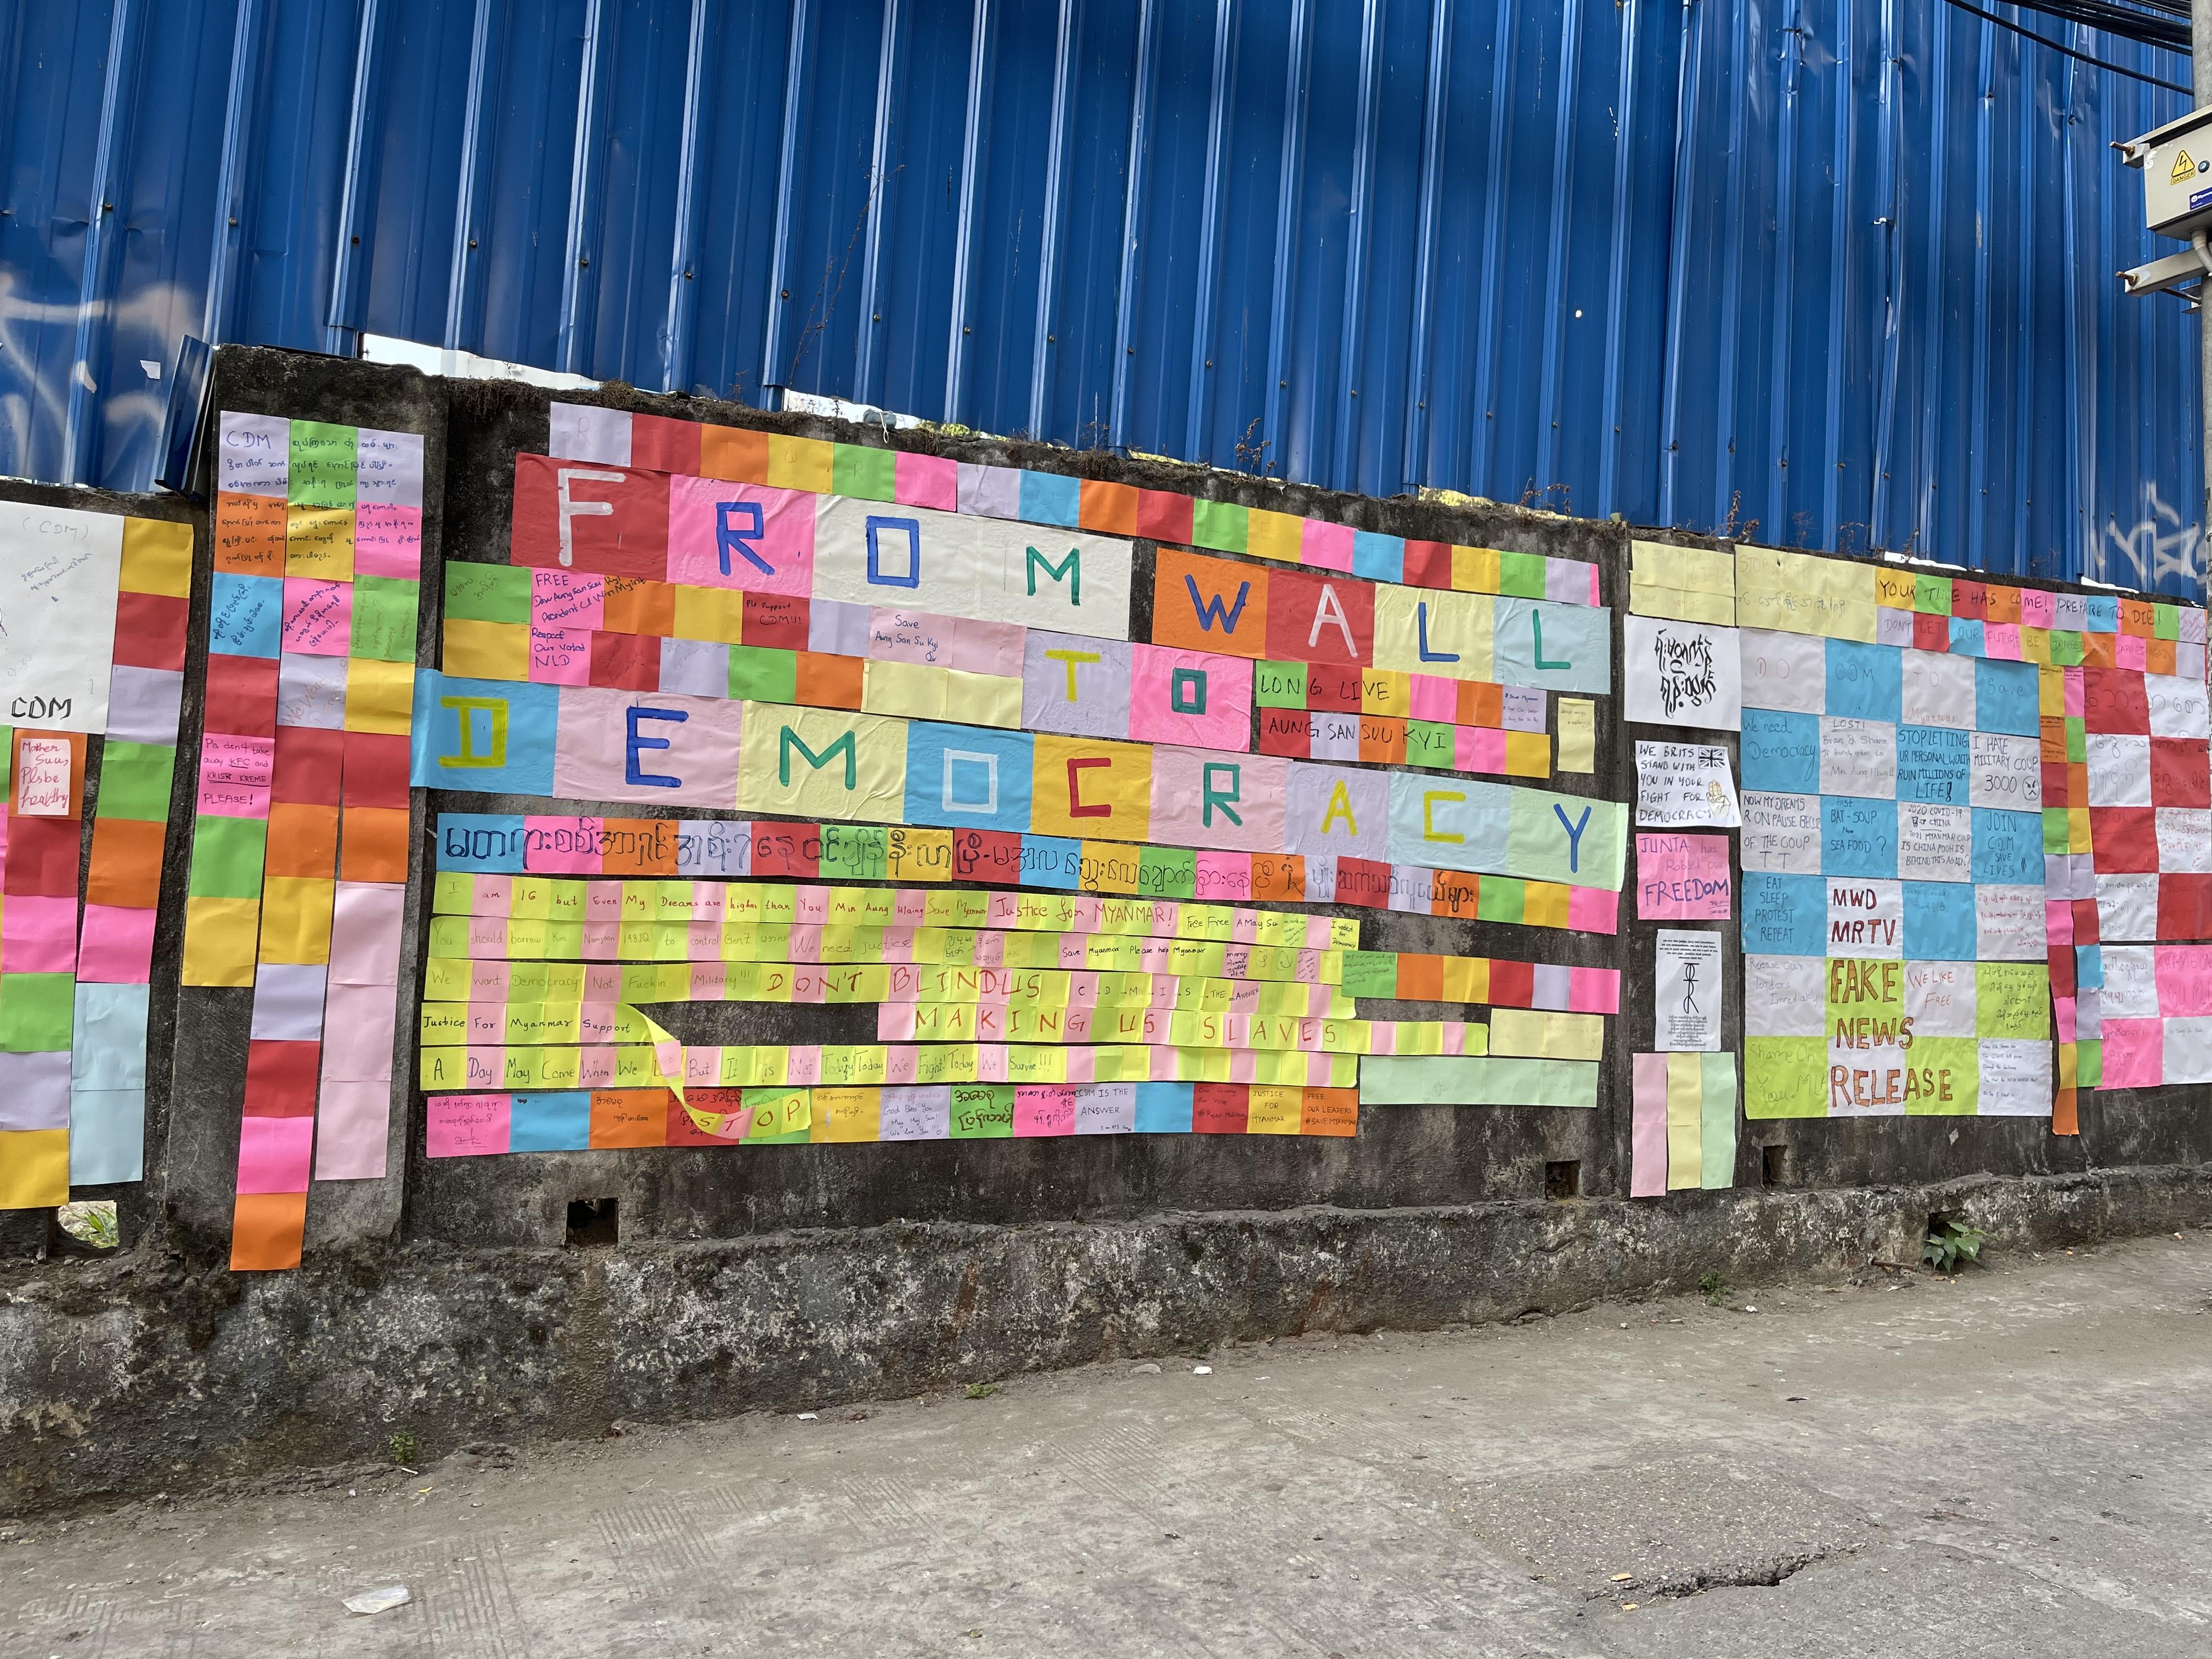 L'image montre un mur dit « mur de liberté » sur lequel une multitude de messages sont apposés, papiers de toutes les couleurs. On peut y lire en caractères plus gros : « From wall to Democracy » (Du mur à la démocratie). Les messages sont en anglais et en birman.